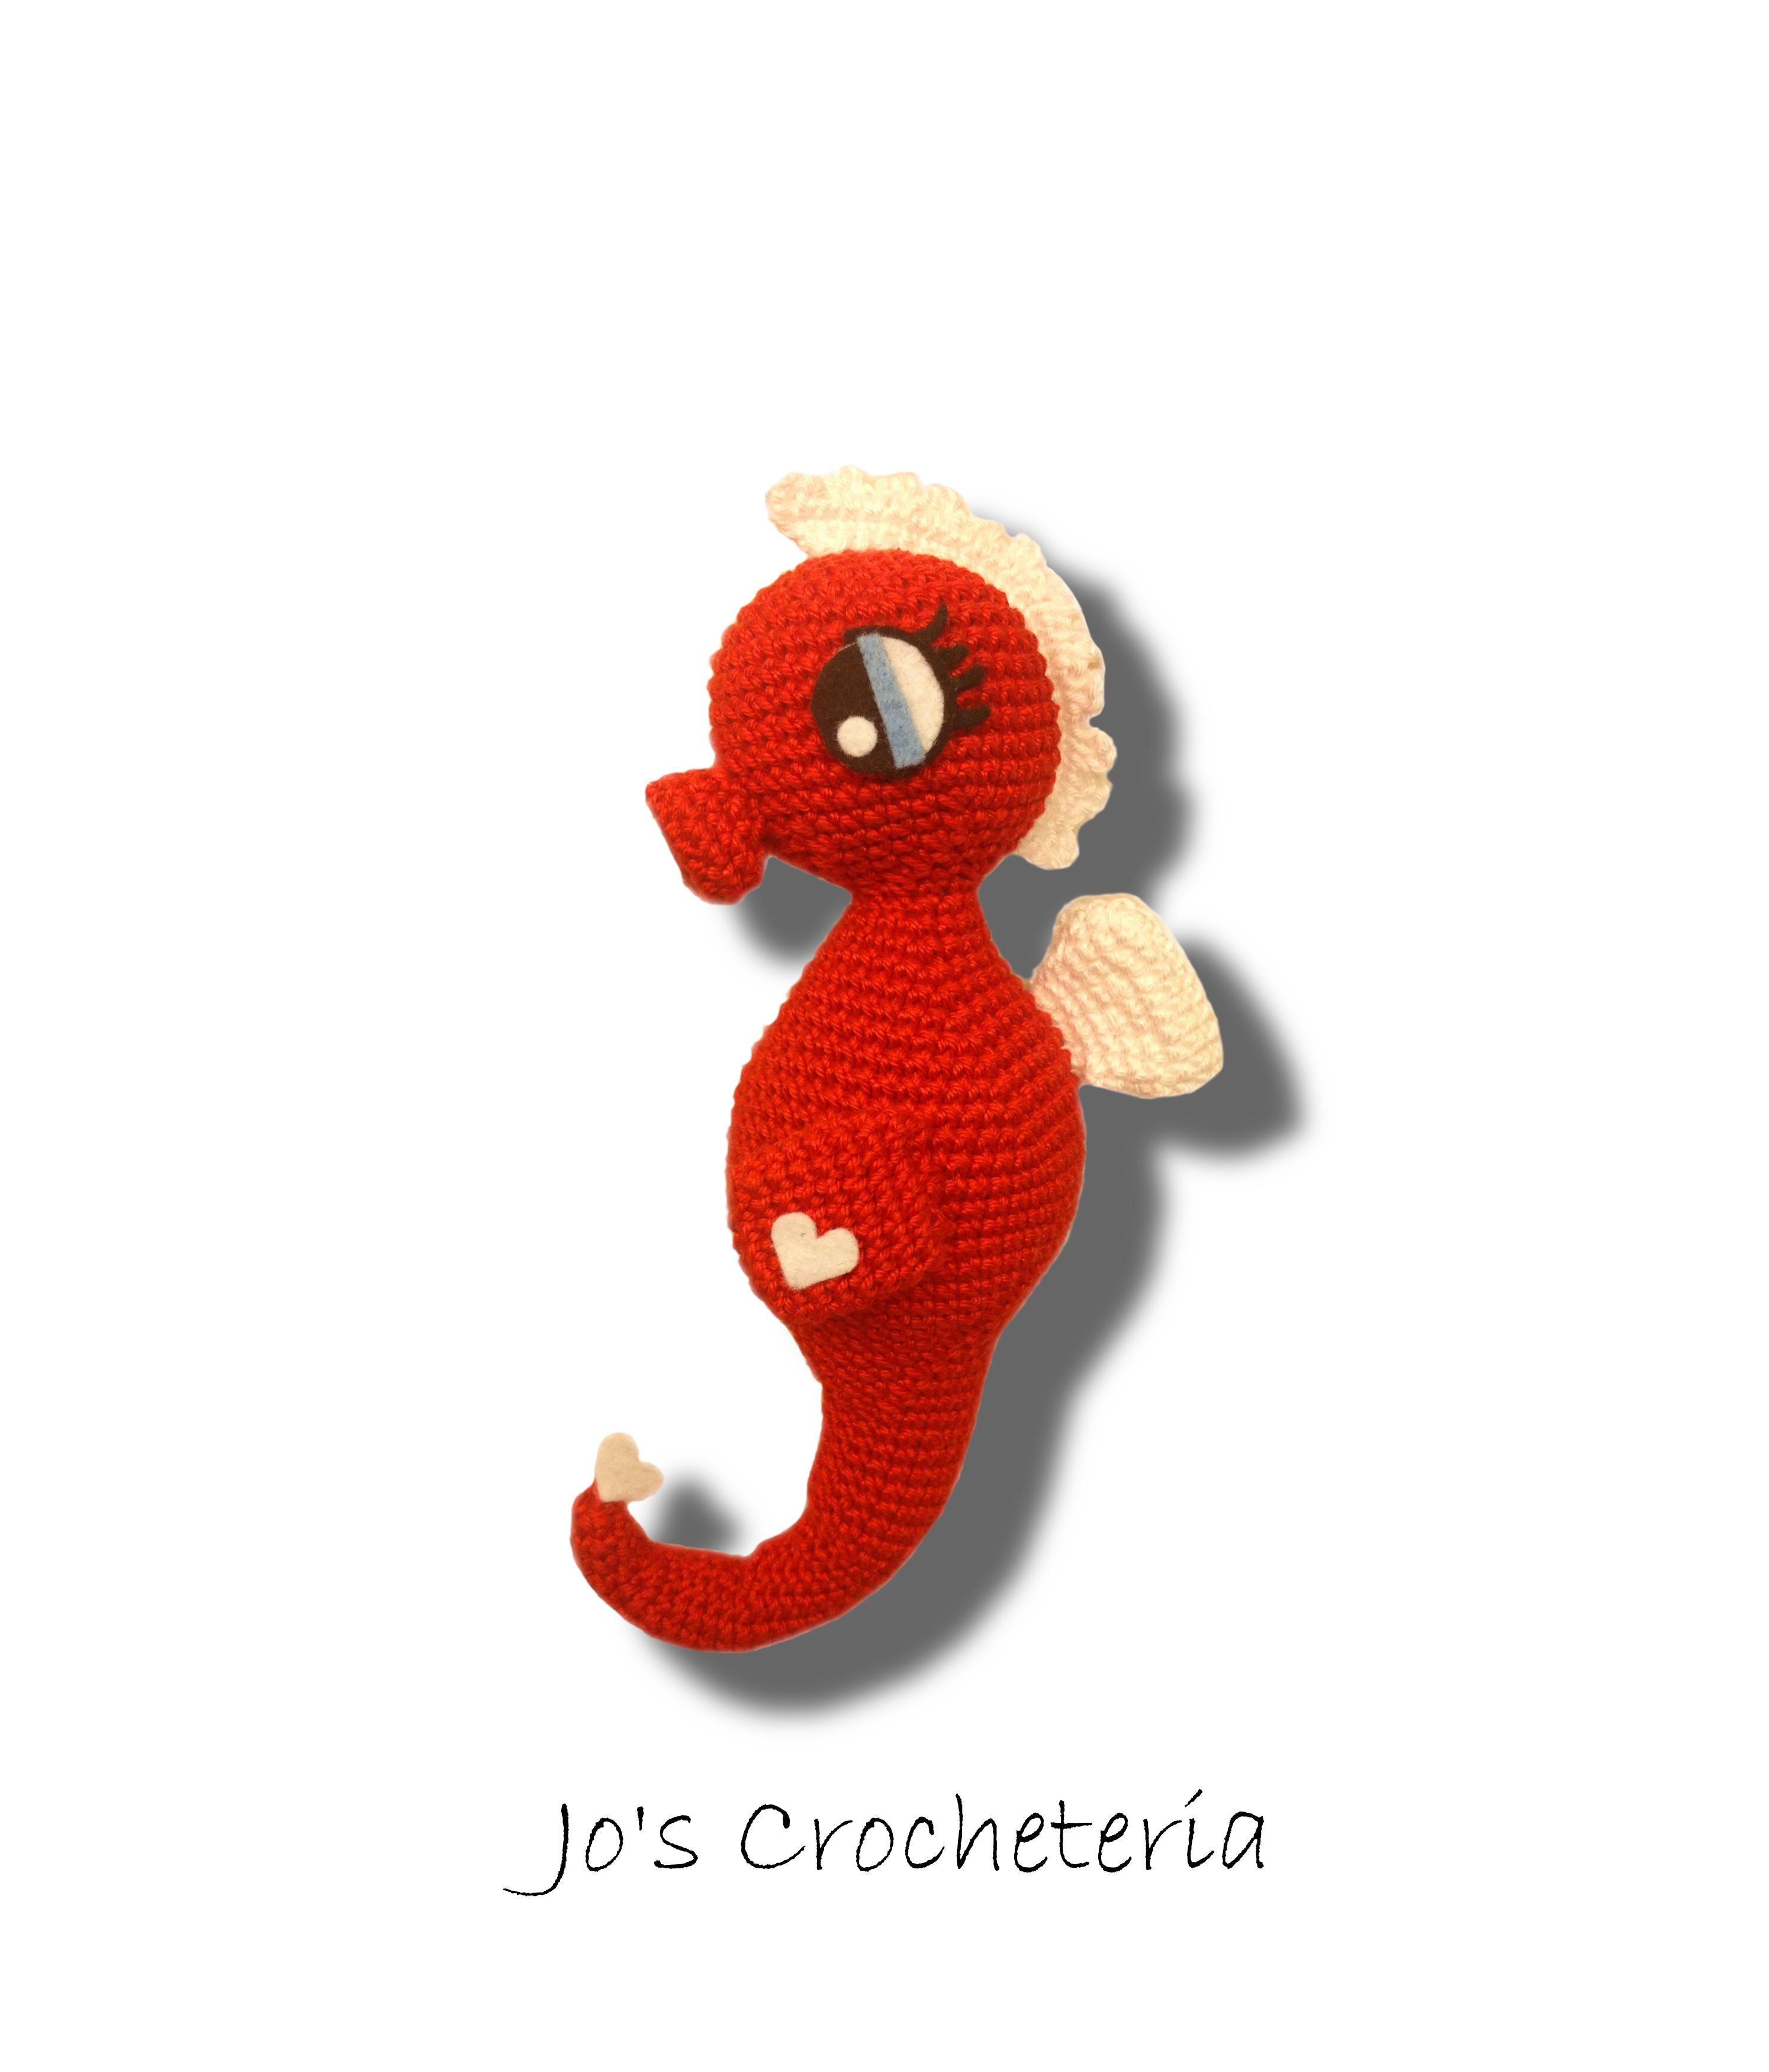 Free Crochet Pattern Seahorse Amigurumi By Jos Crocheteria